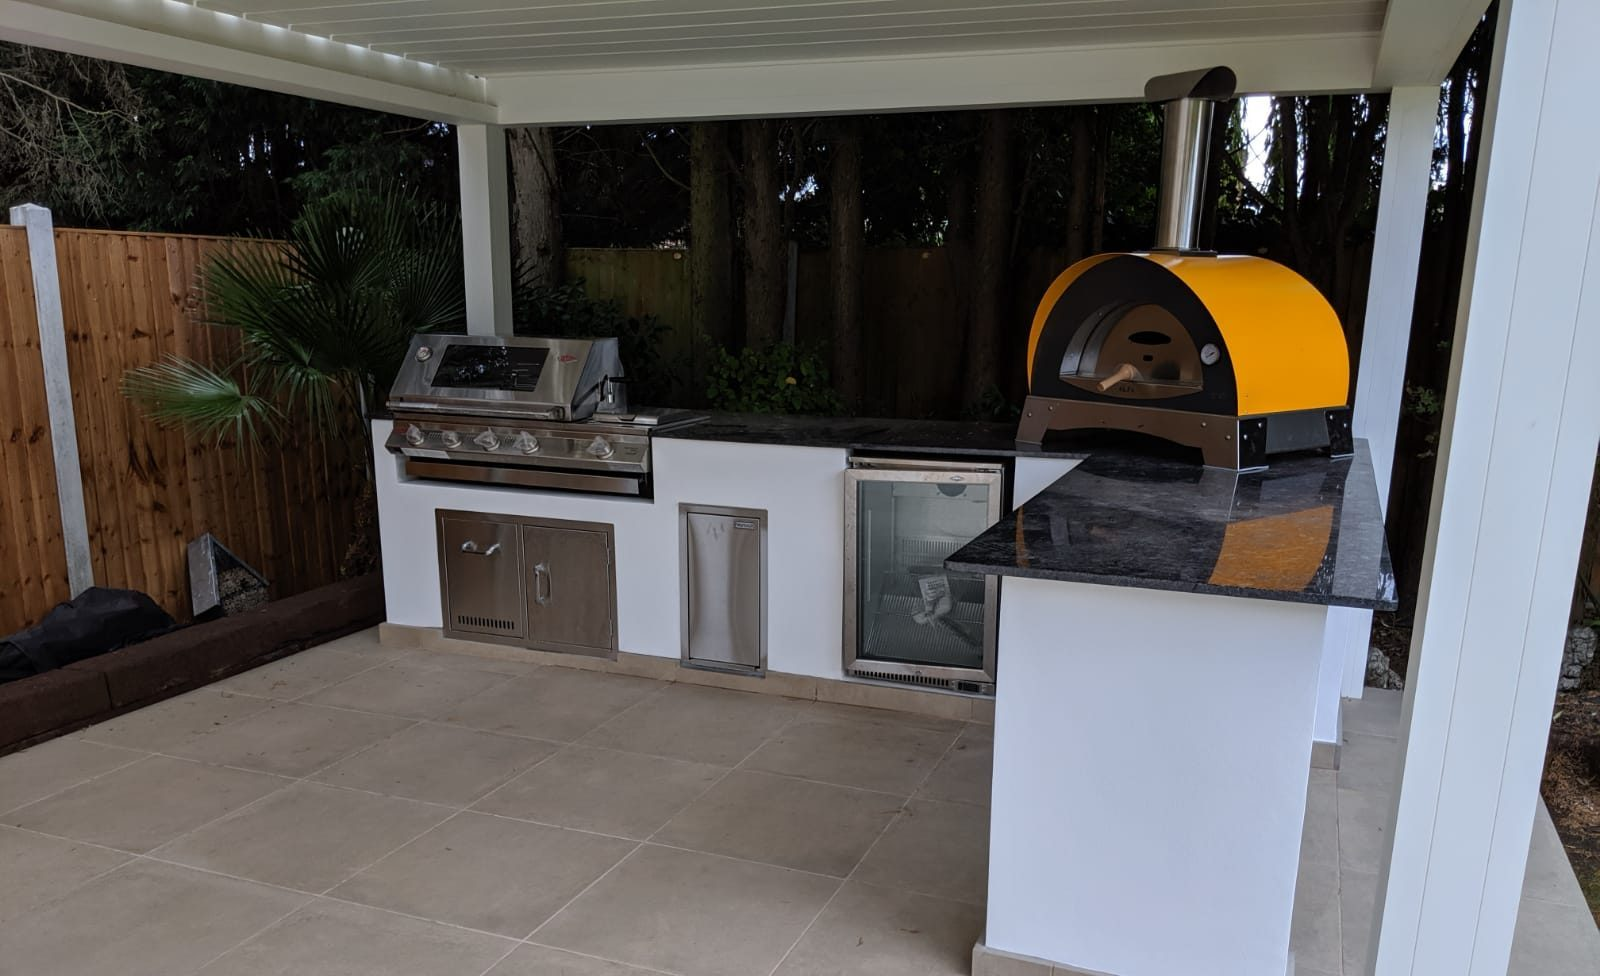 outdoor-kitchen-patel-3-e1589805241100